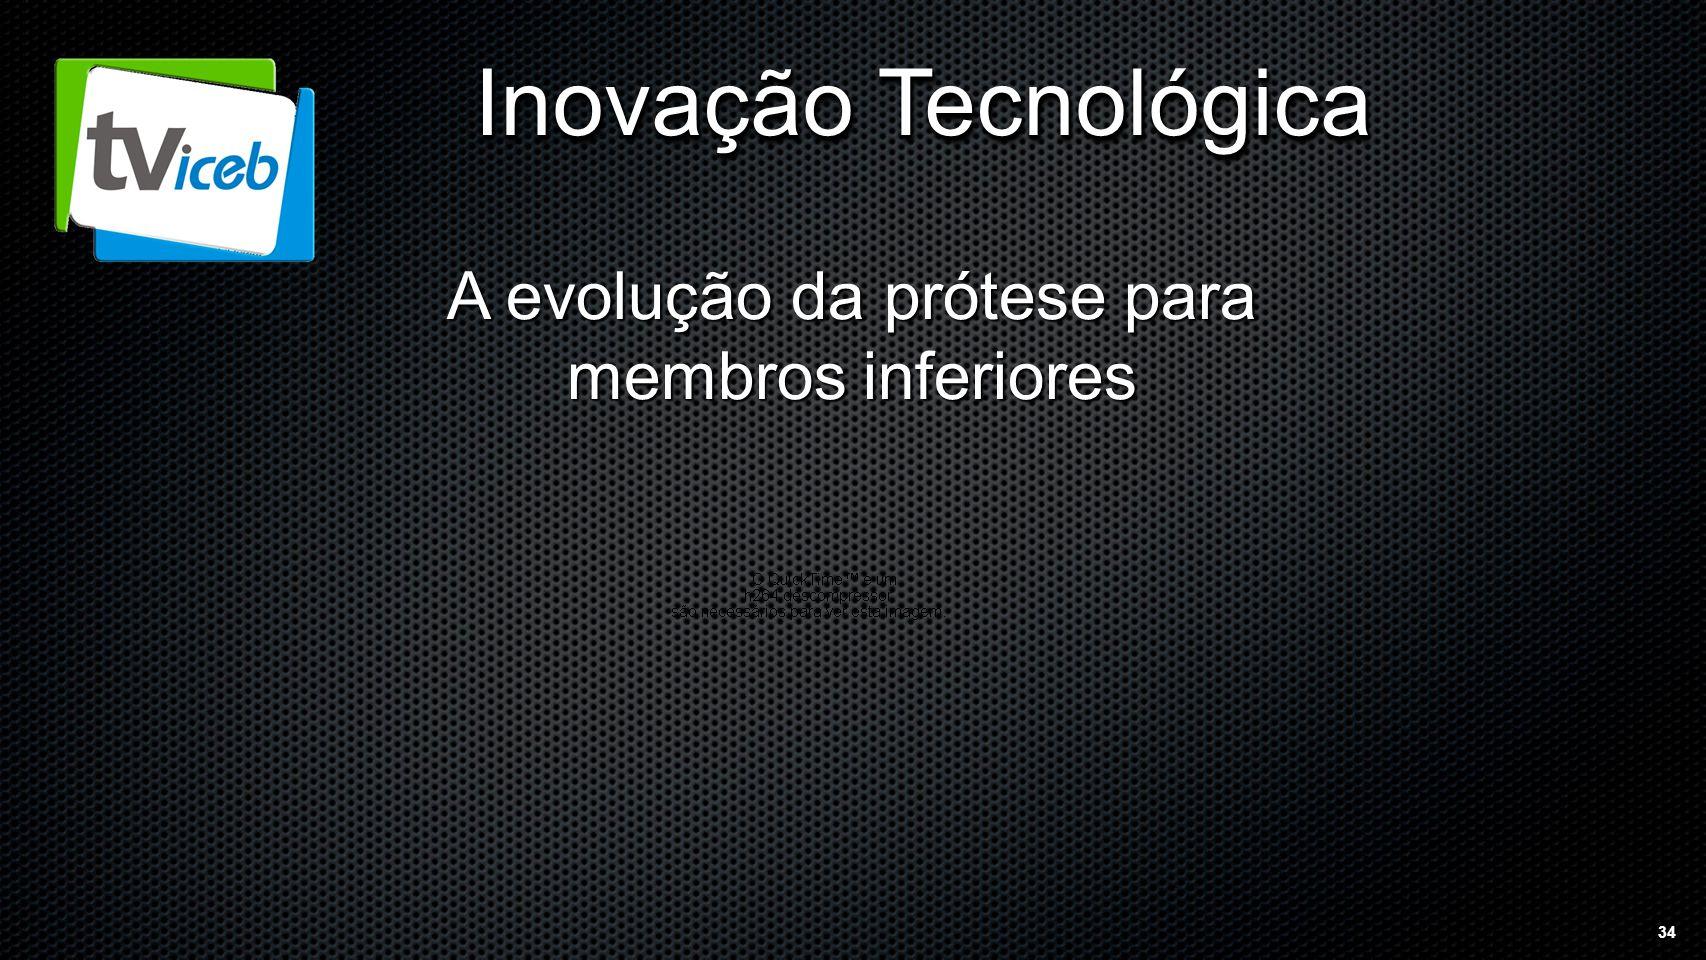 34 Inovação Tecnológica A evolução da prótese para membros inferiores